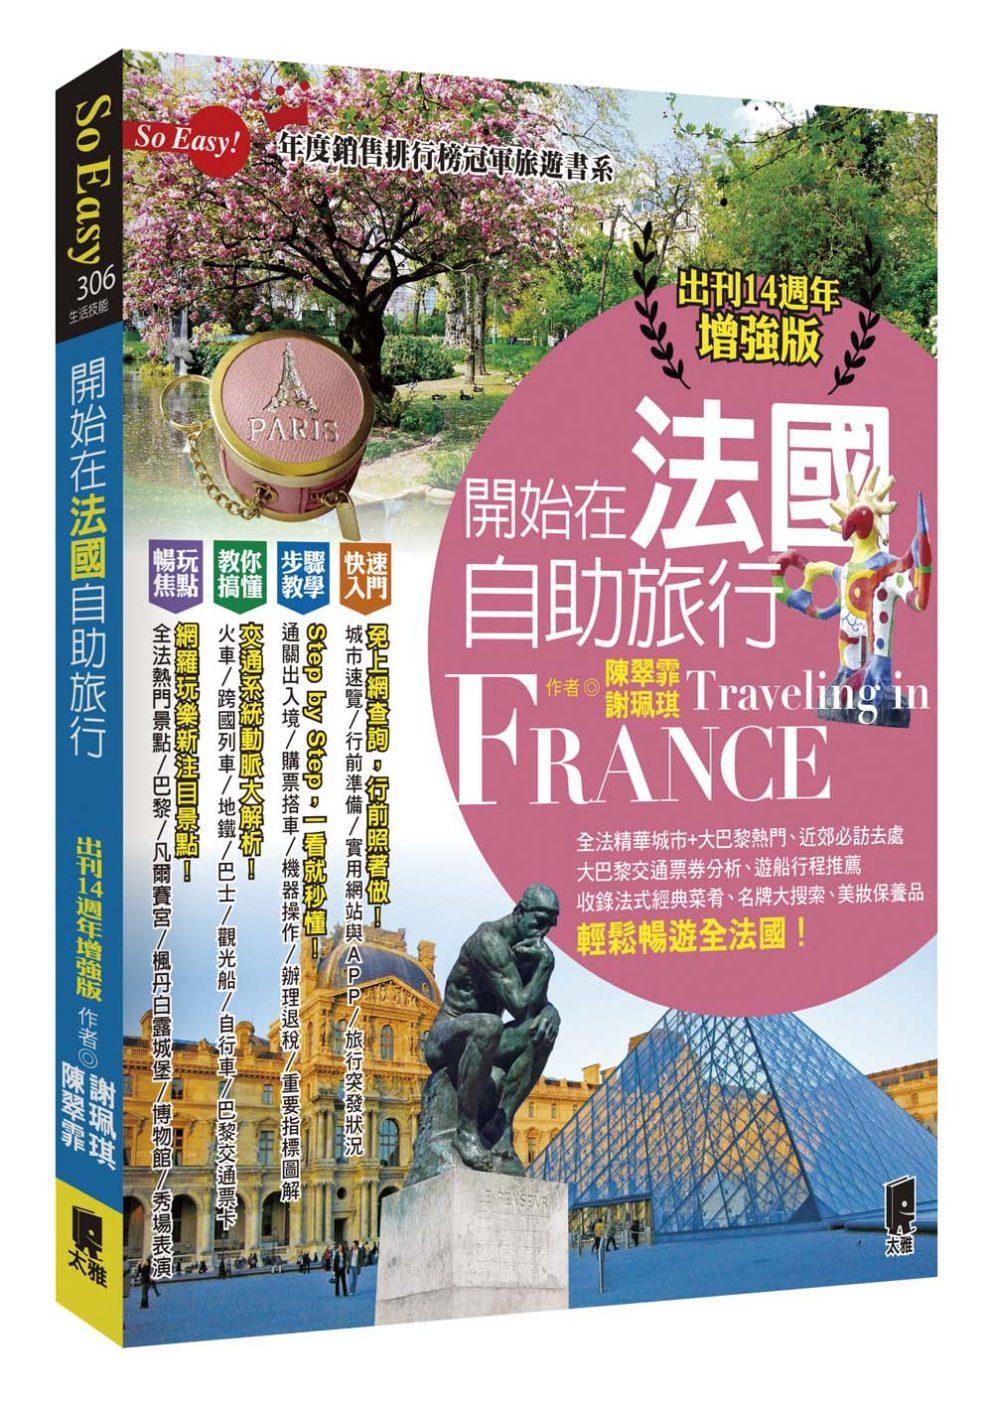 ◤博客來BOOKS◢ 暢銷書榜《推薦》開始在法國自助旅行(出刊14週年增強版)